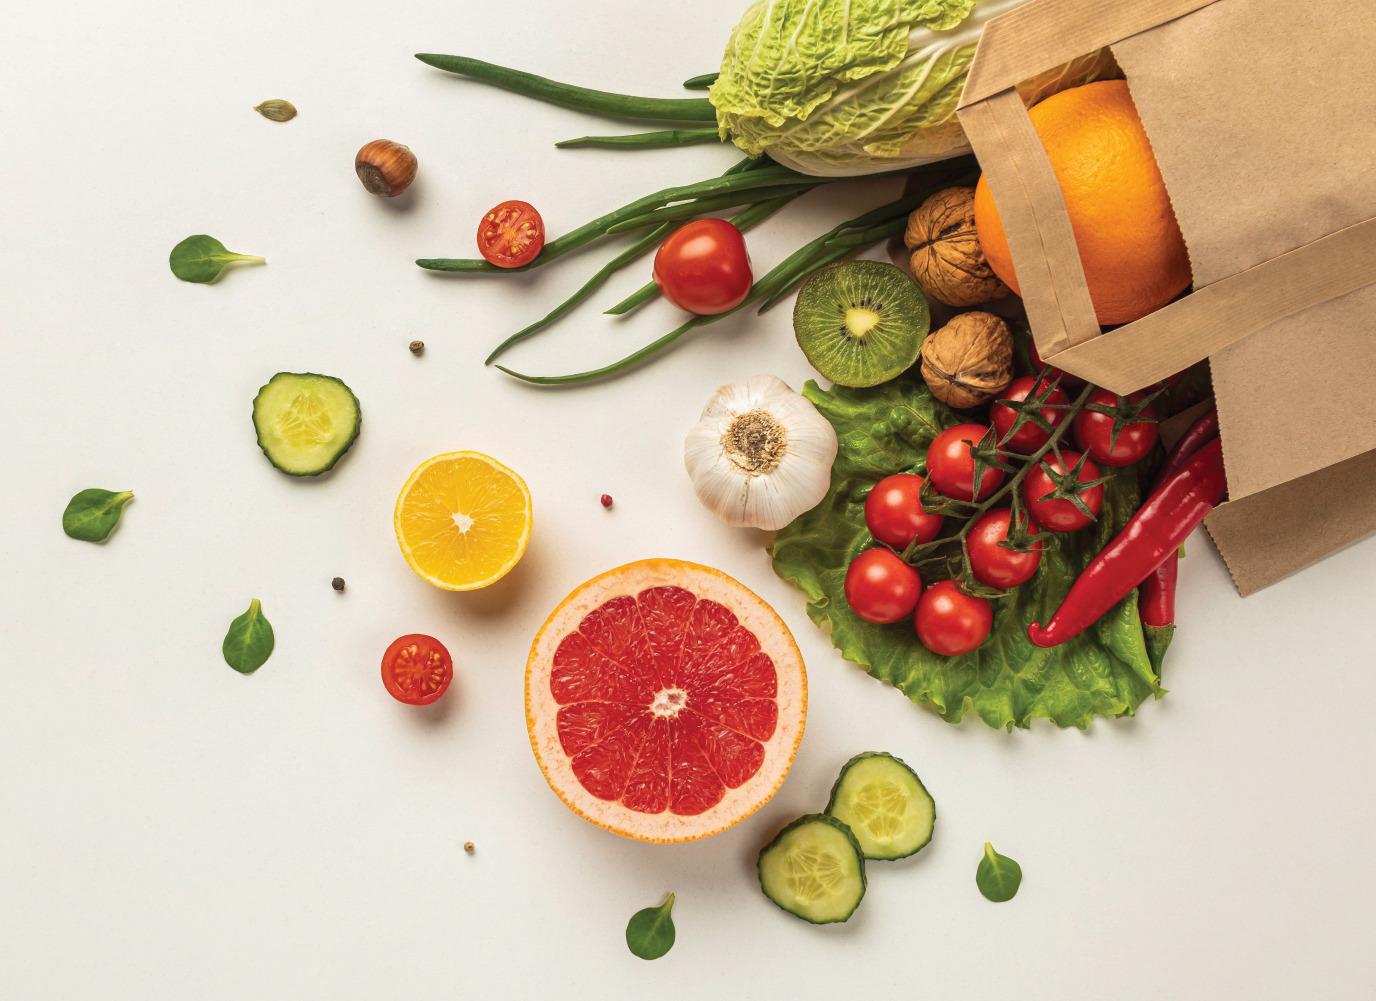 Cách chế biến trái cây cho bé ăn dặm thơm ngon và bổ dưỡng.